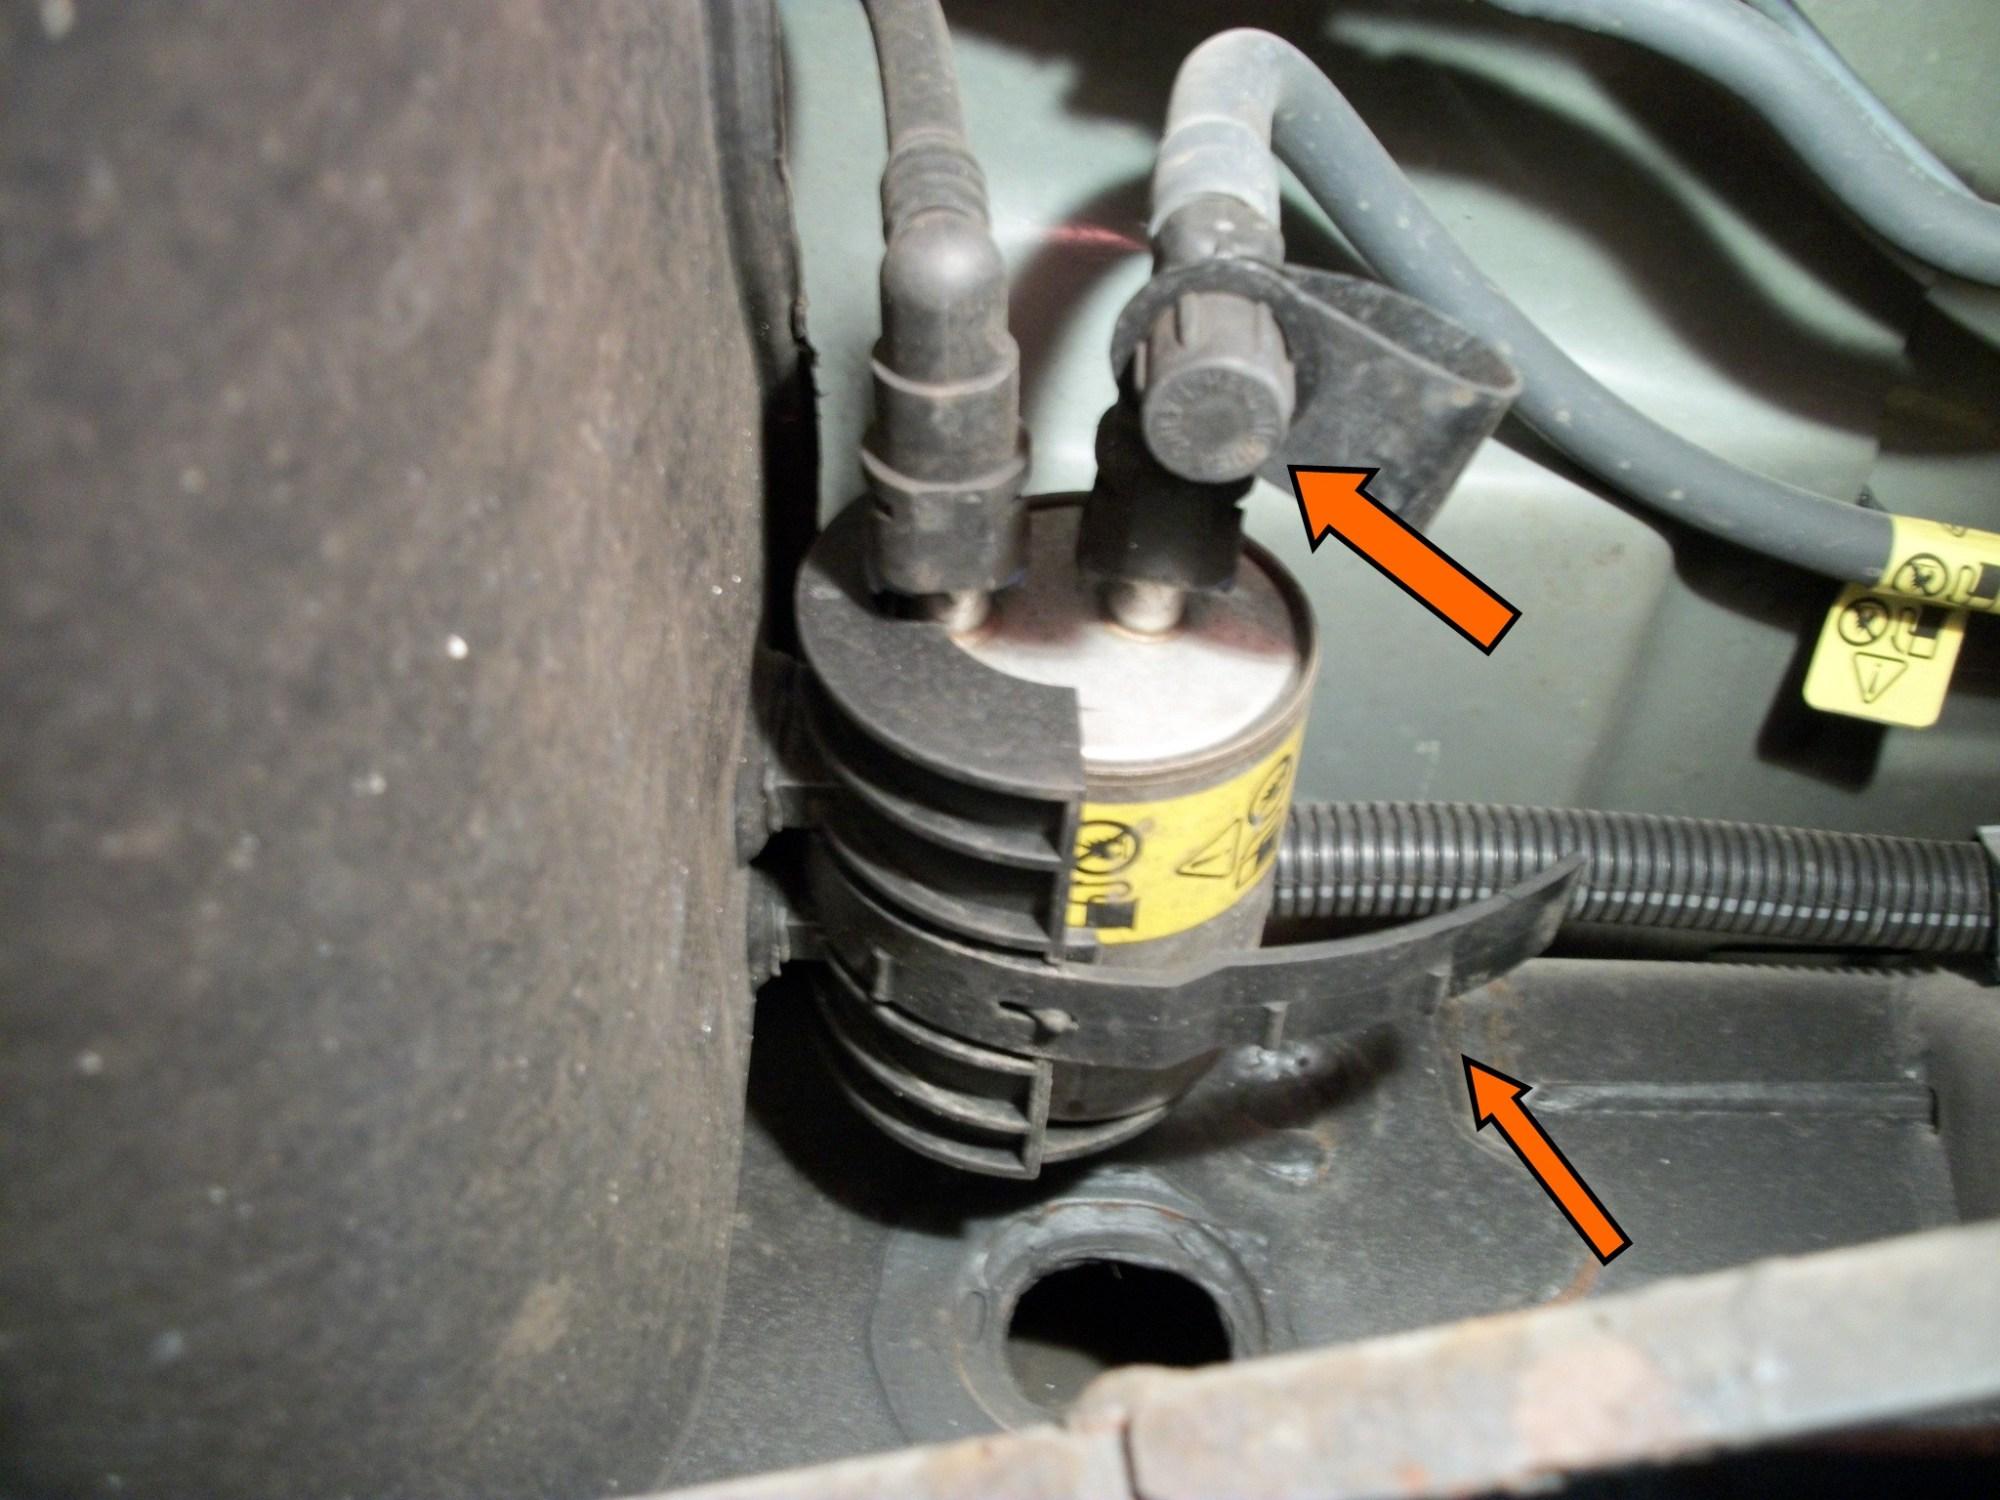 hight resolution of trailblazer fuel filter wiring diagram centretrailblazer fuel filter